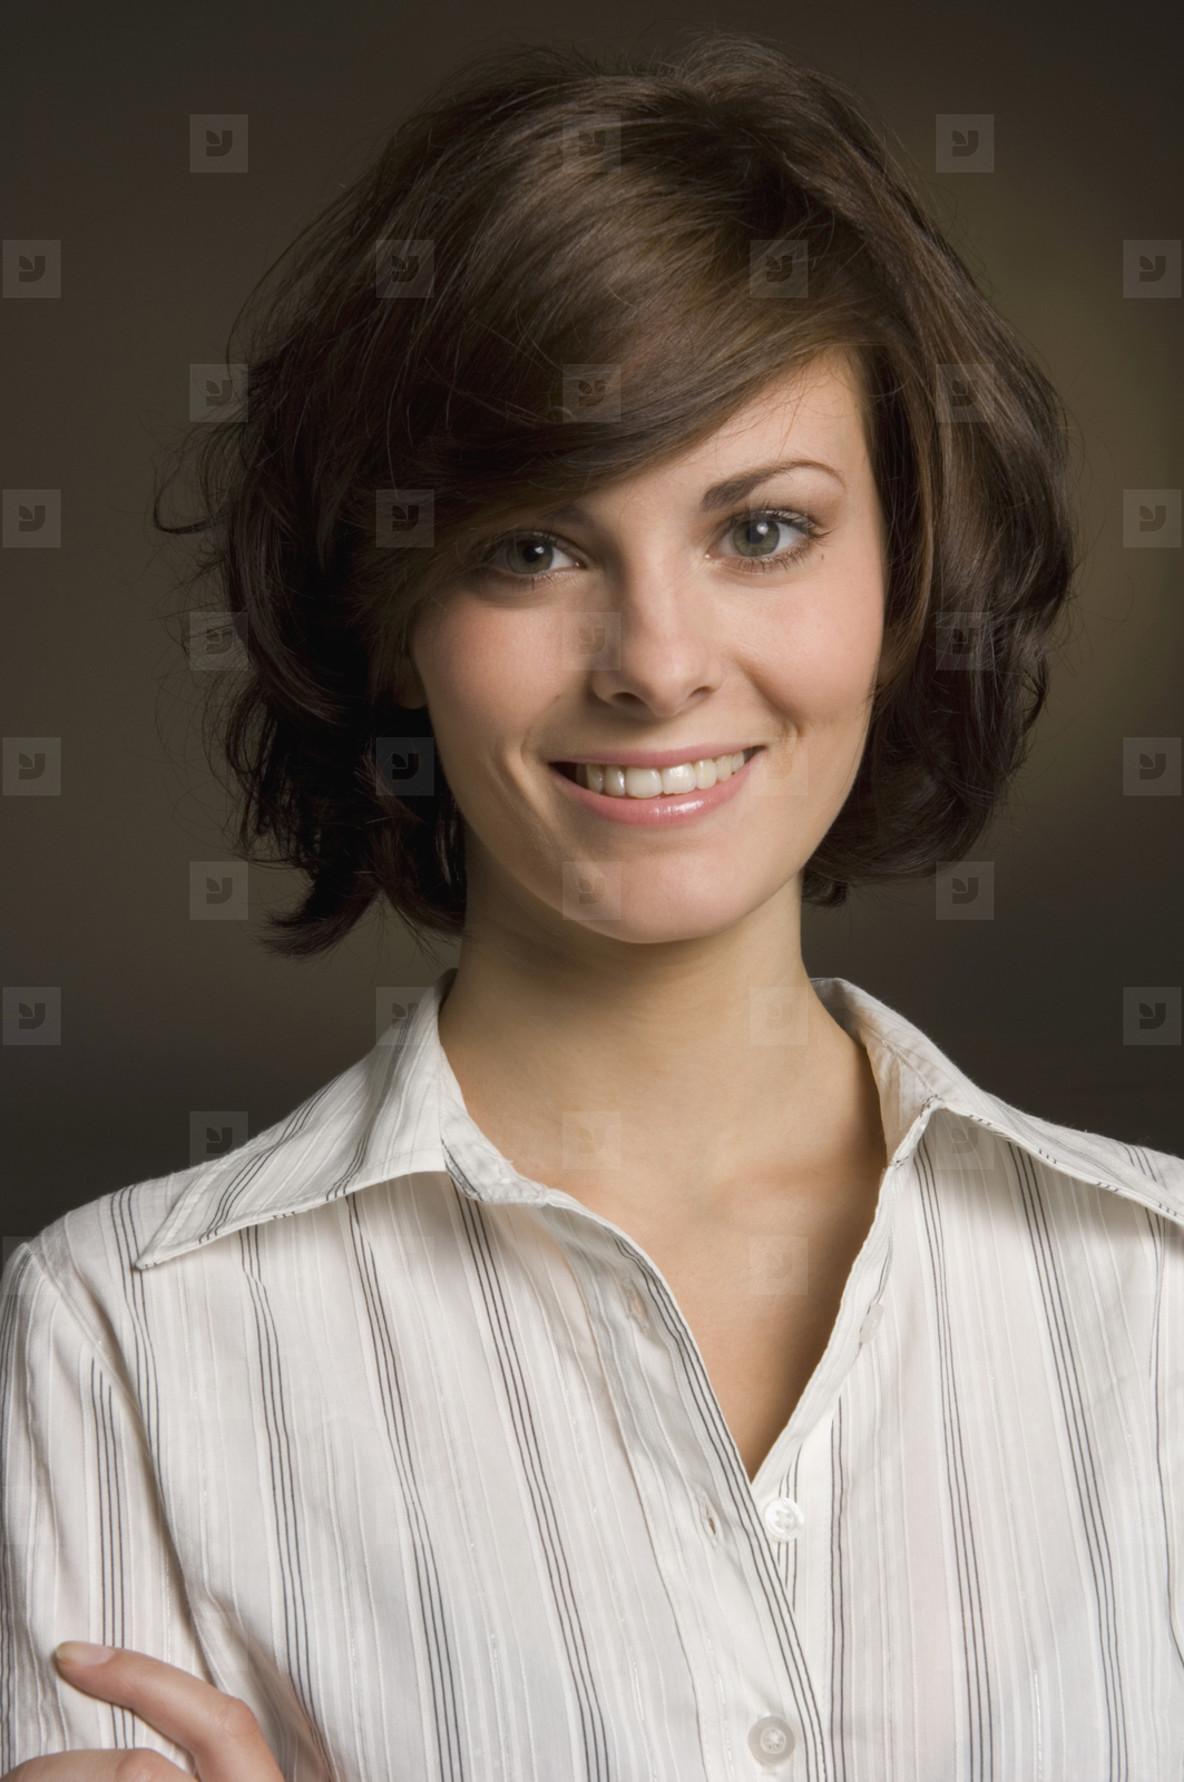 Female Studio Portraits  24